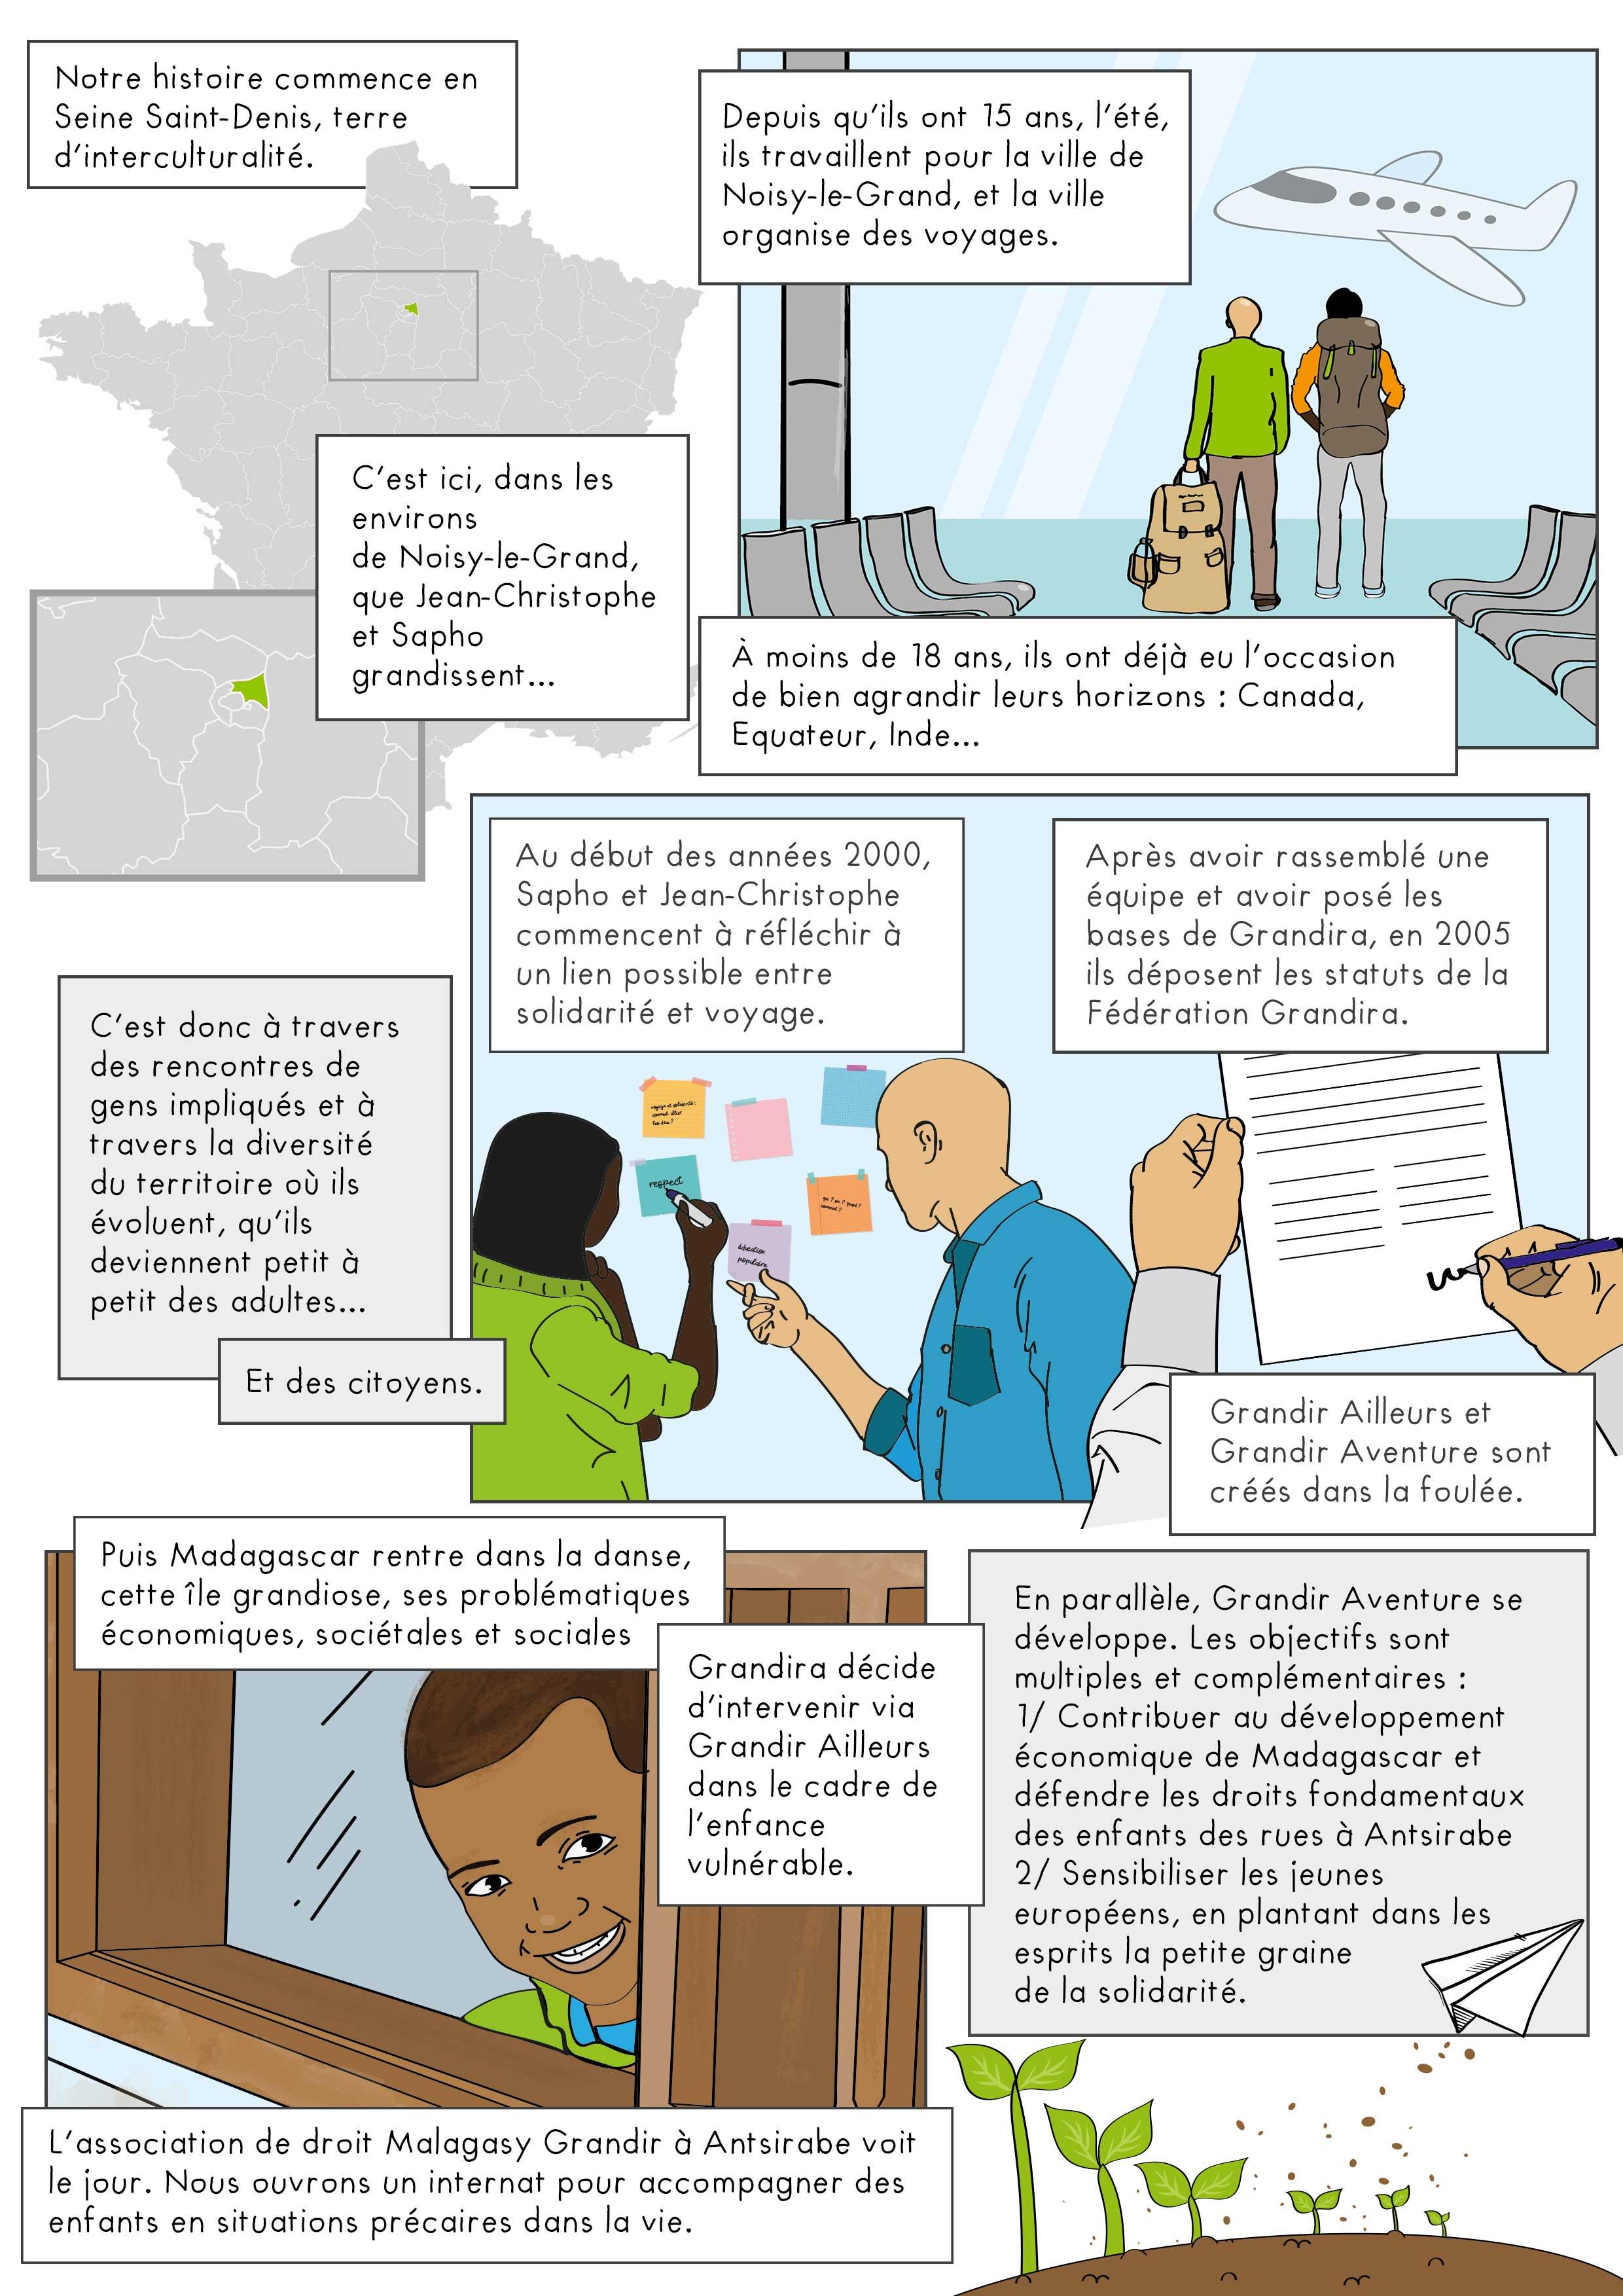 Histoire de Grandira - page 1/2